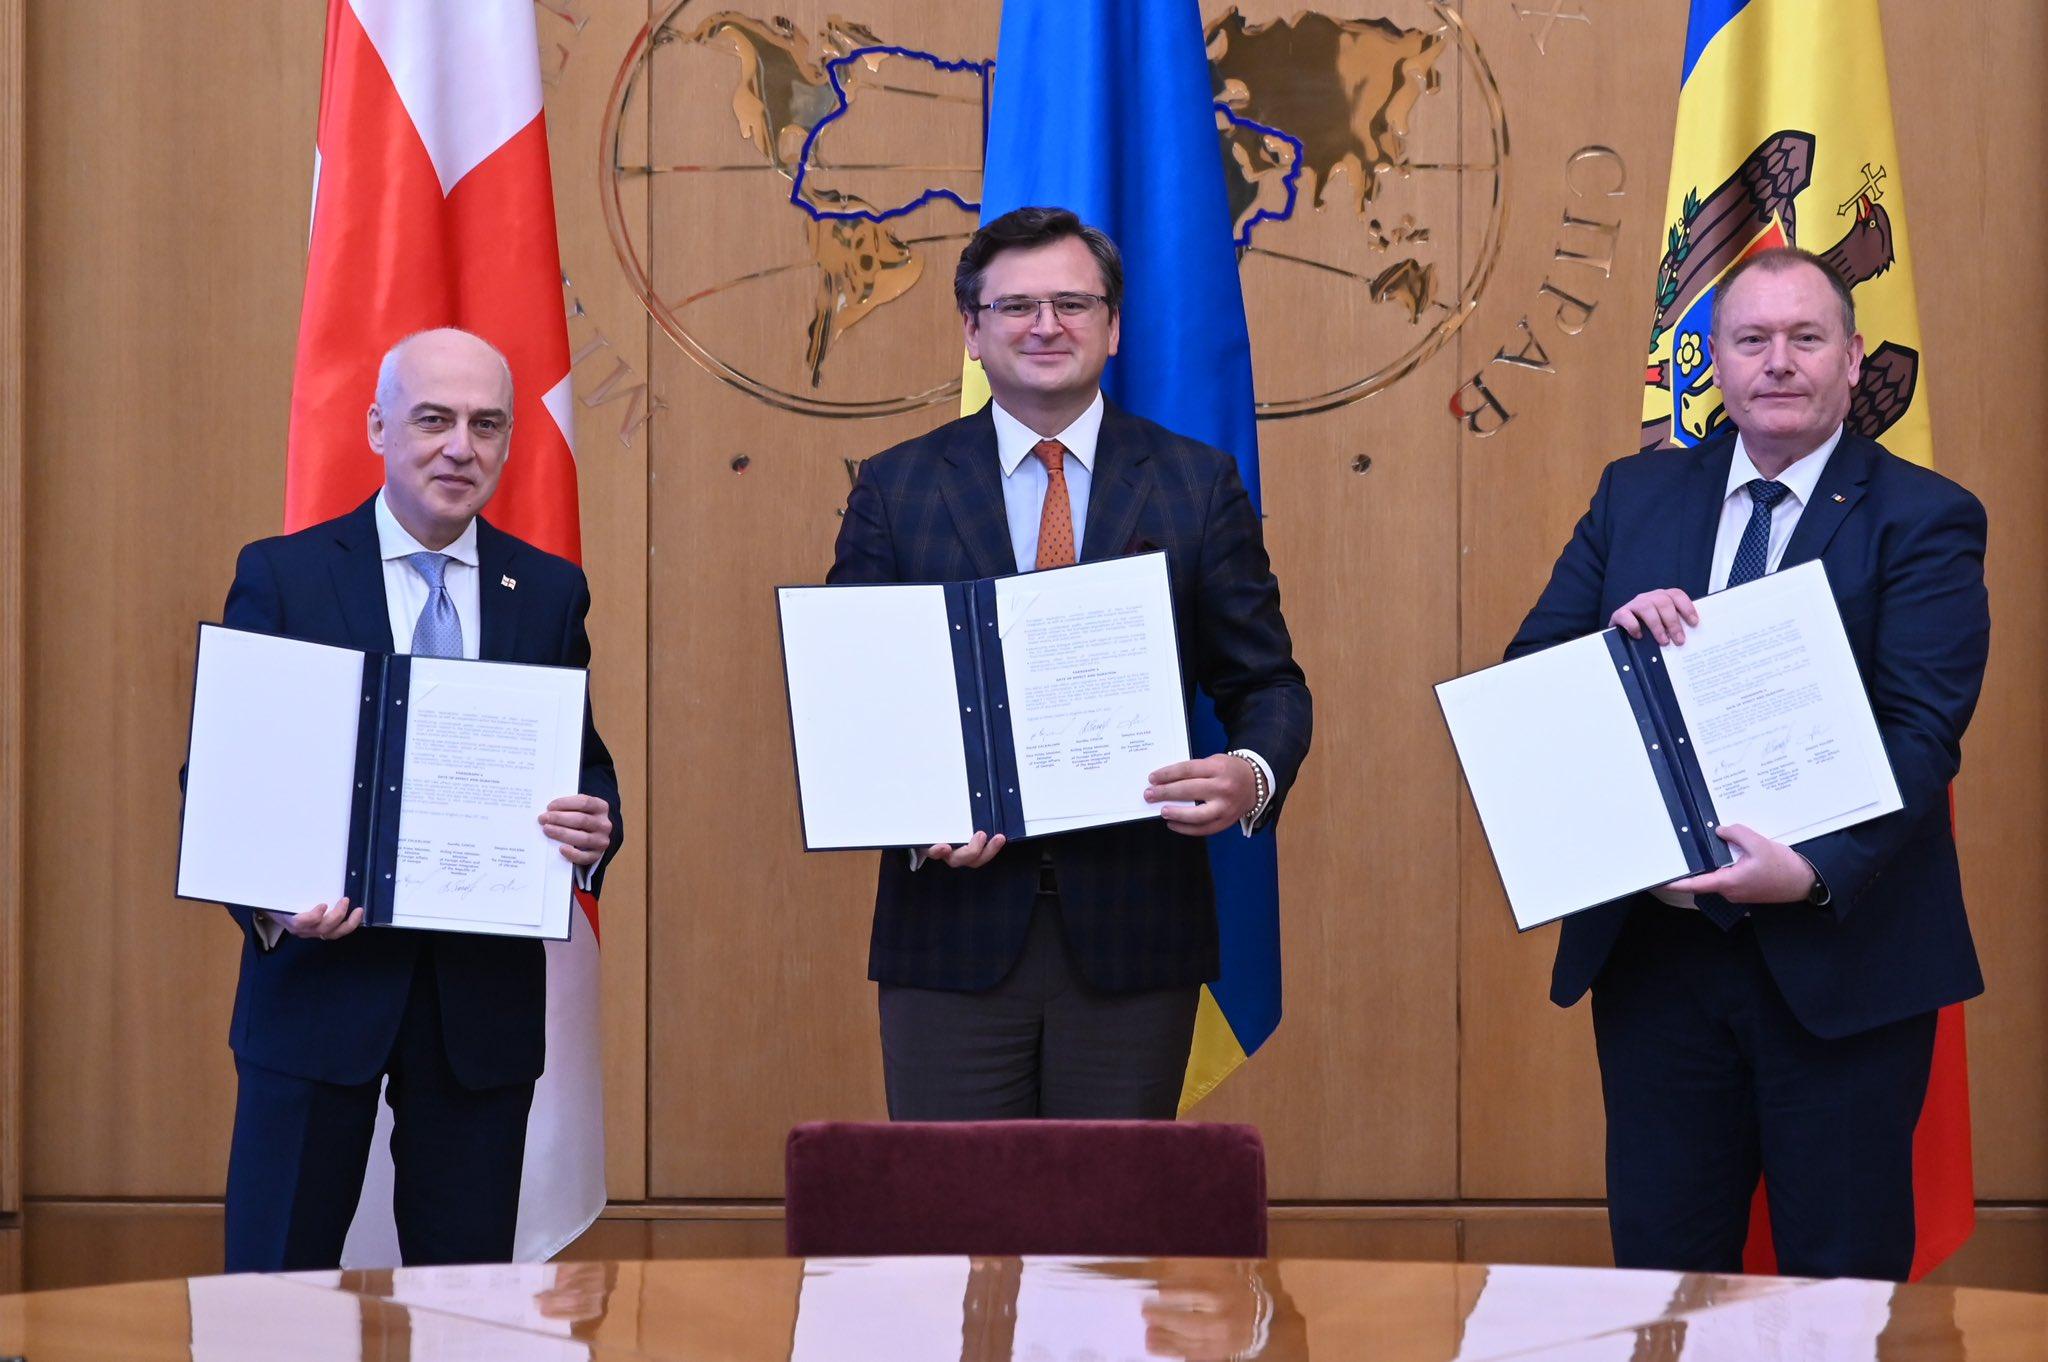 Евроинтеграция Украины, Молдовы и Грузии: страны стали ассоциированным трио на пути в ЕС 4